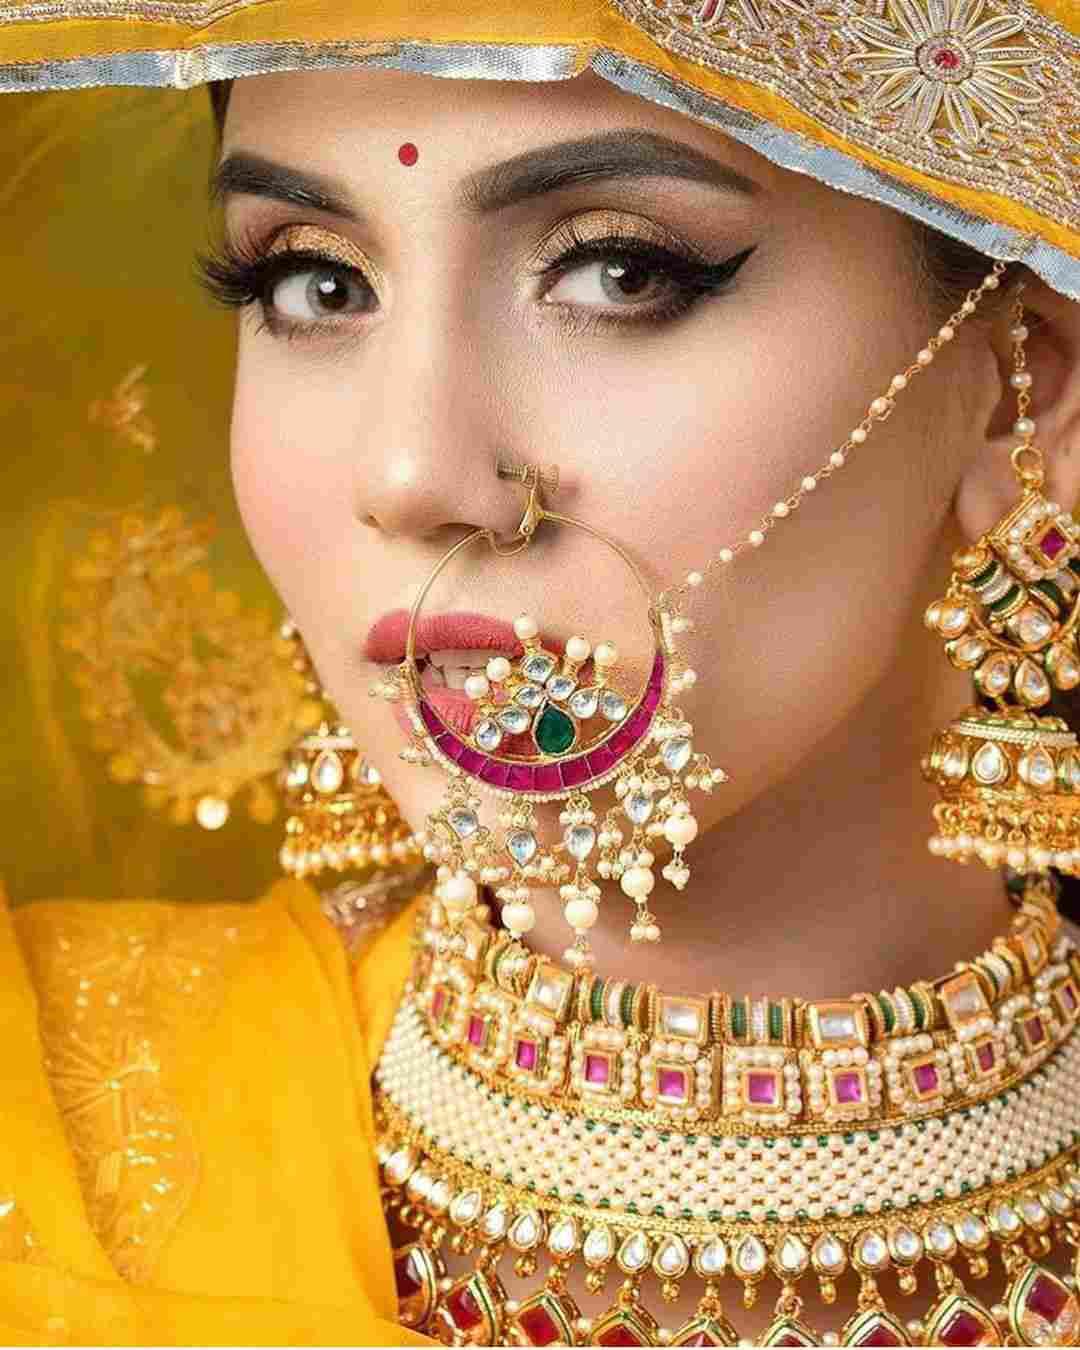 Bridal Nath | Bridal Naath | bridal jewellery | Rajputana jewellery | Rajasthani Jewelry | Jaipur jewellery | Rajputana bride